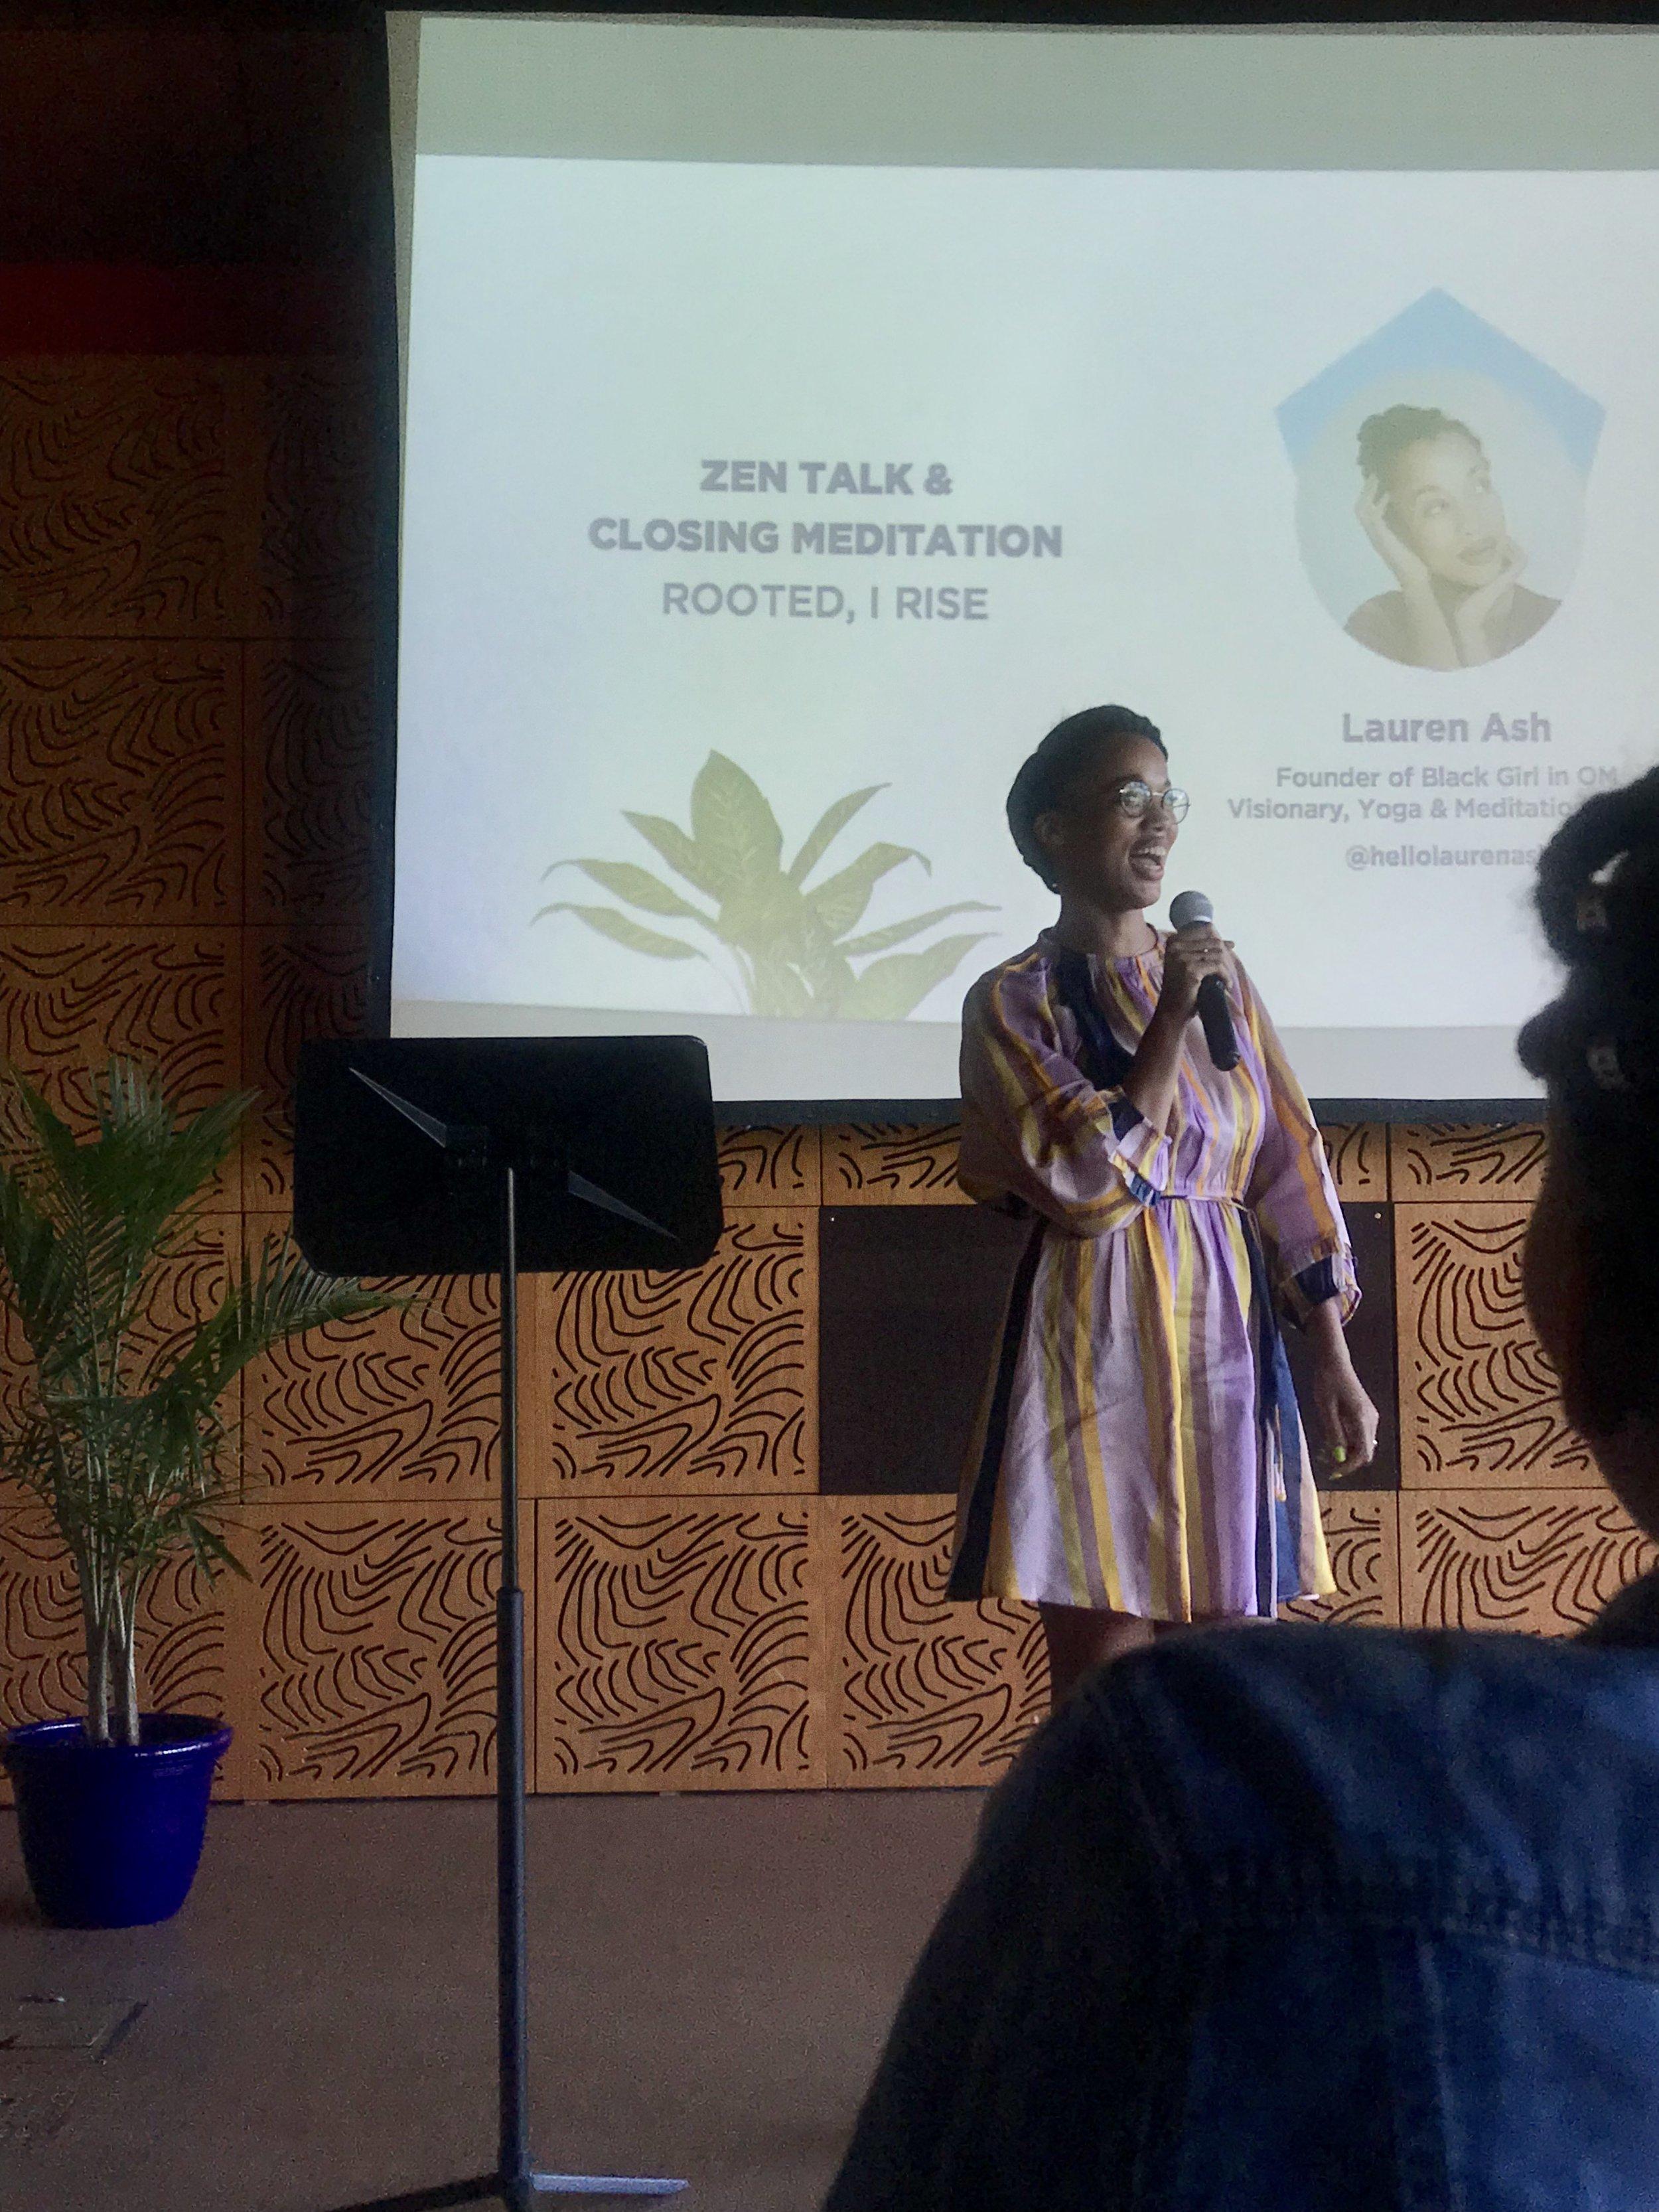 Lauren Ash, founder of Black girl in OM